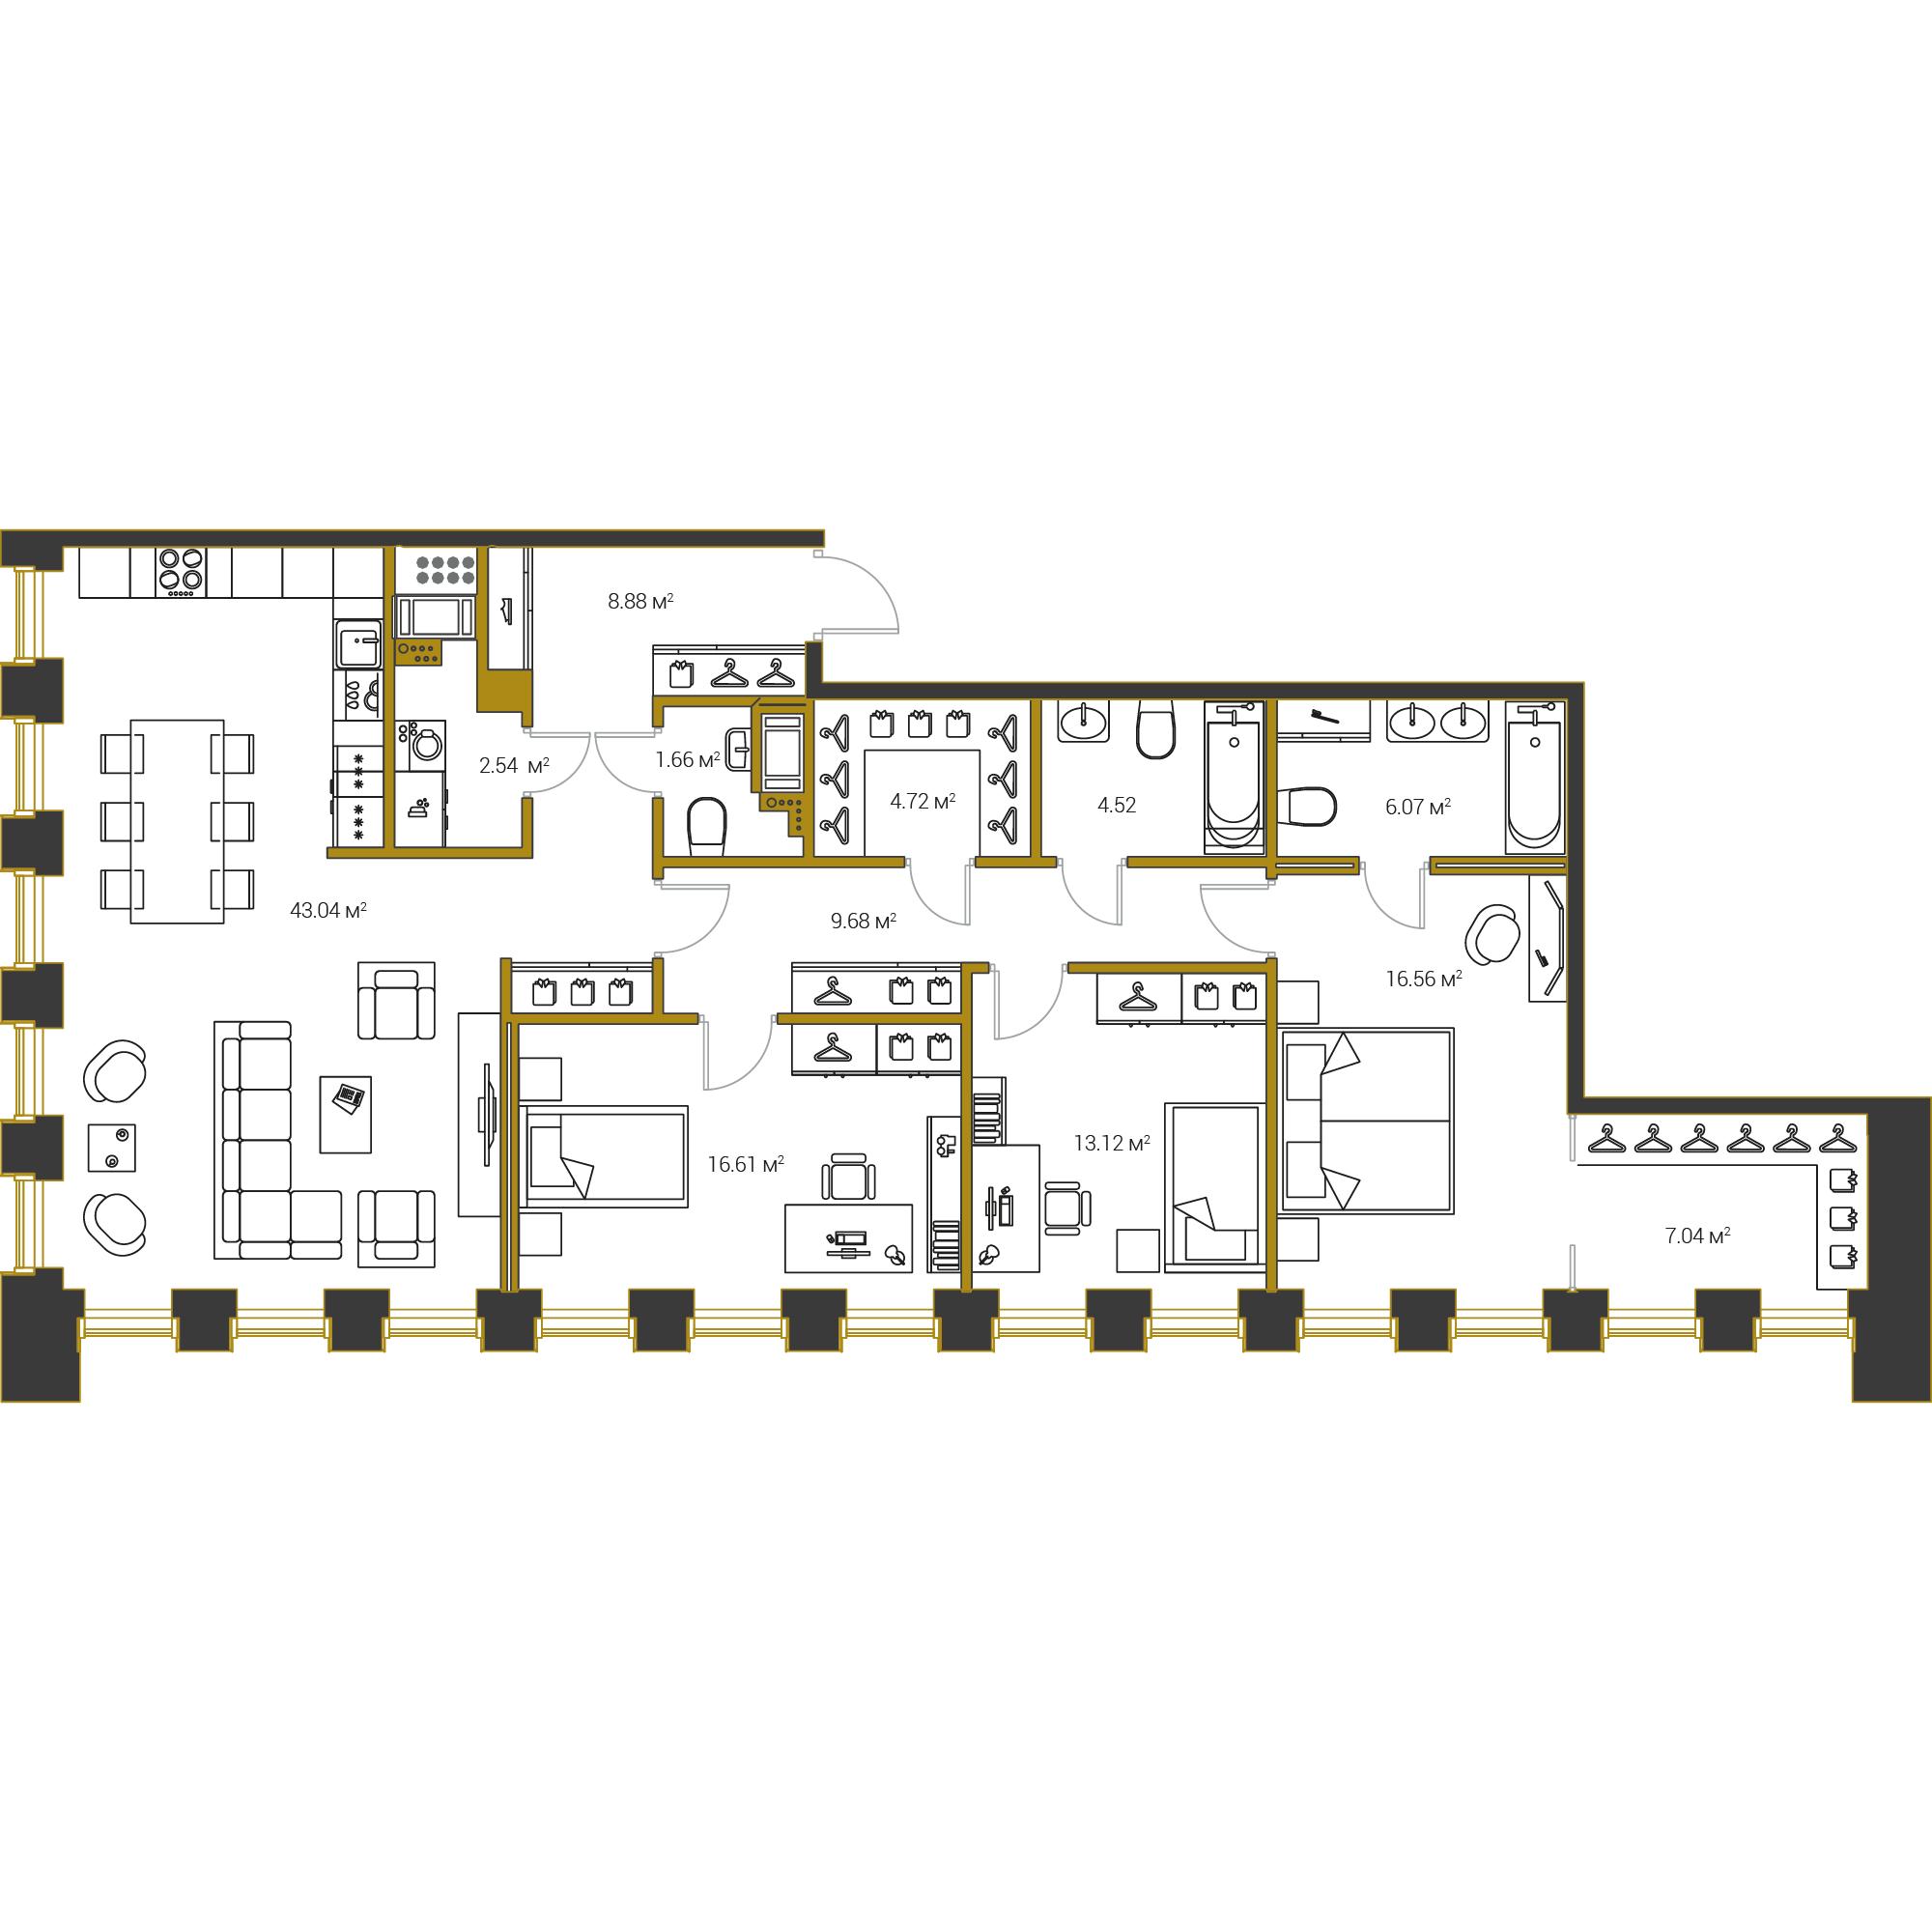 3-комнатная квартира №16 в: Институтский,16: 134.44 м²; этаж: 8 - купить в Санкт-Петербурге